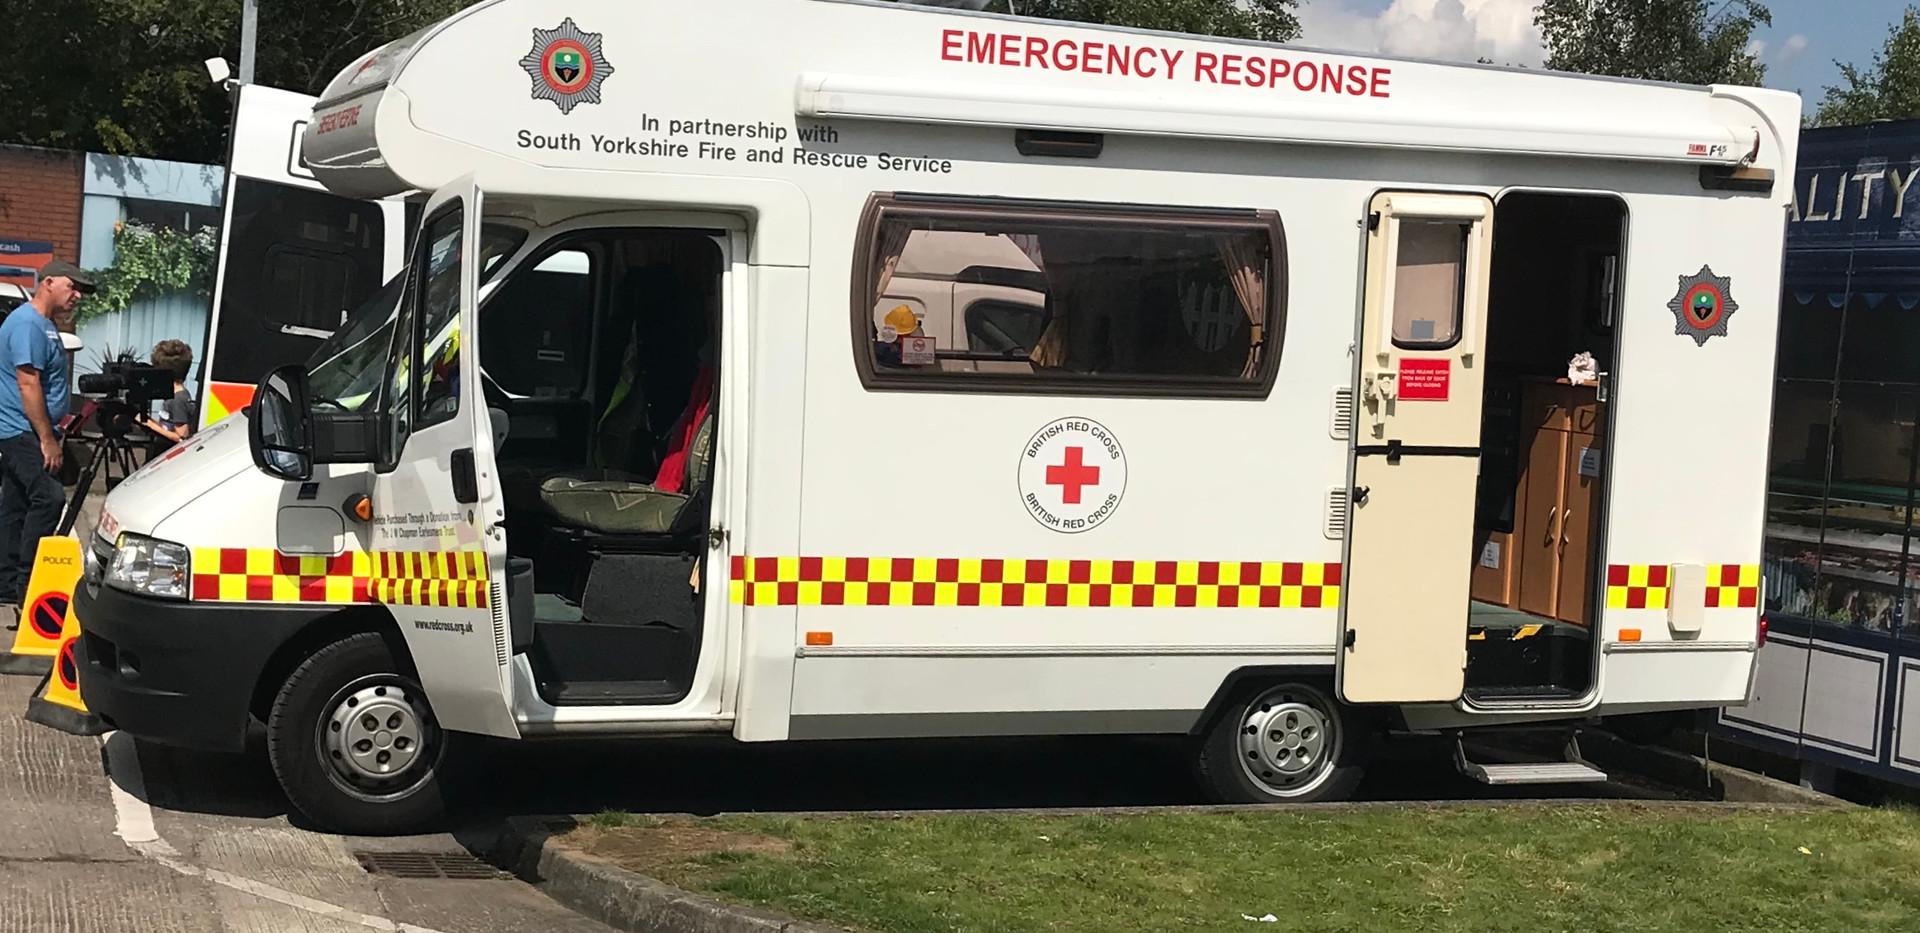 British Red Cross emergency vehicle